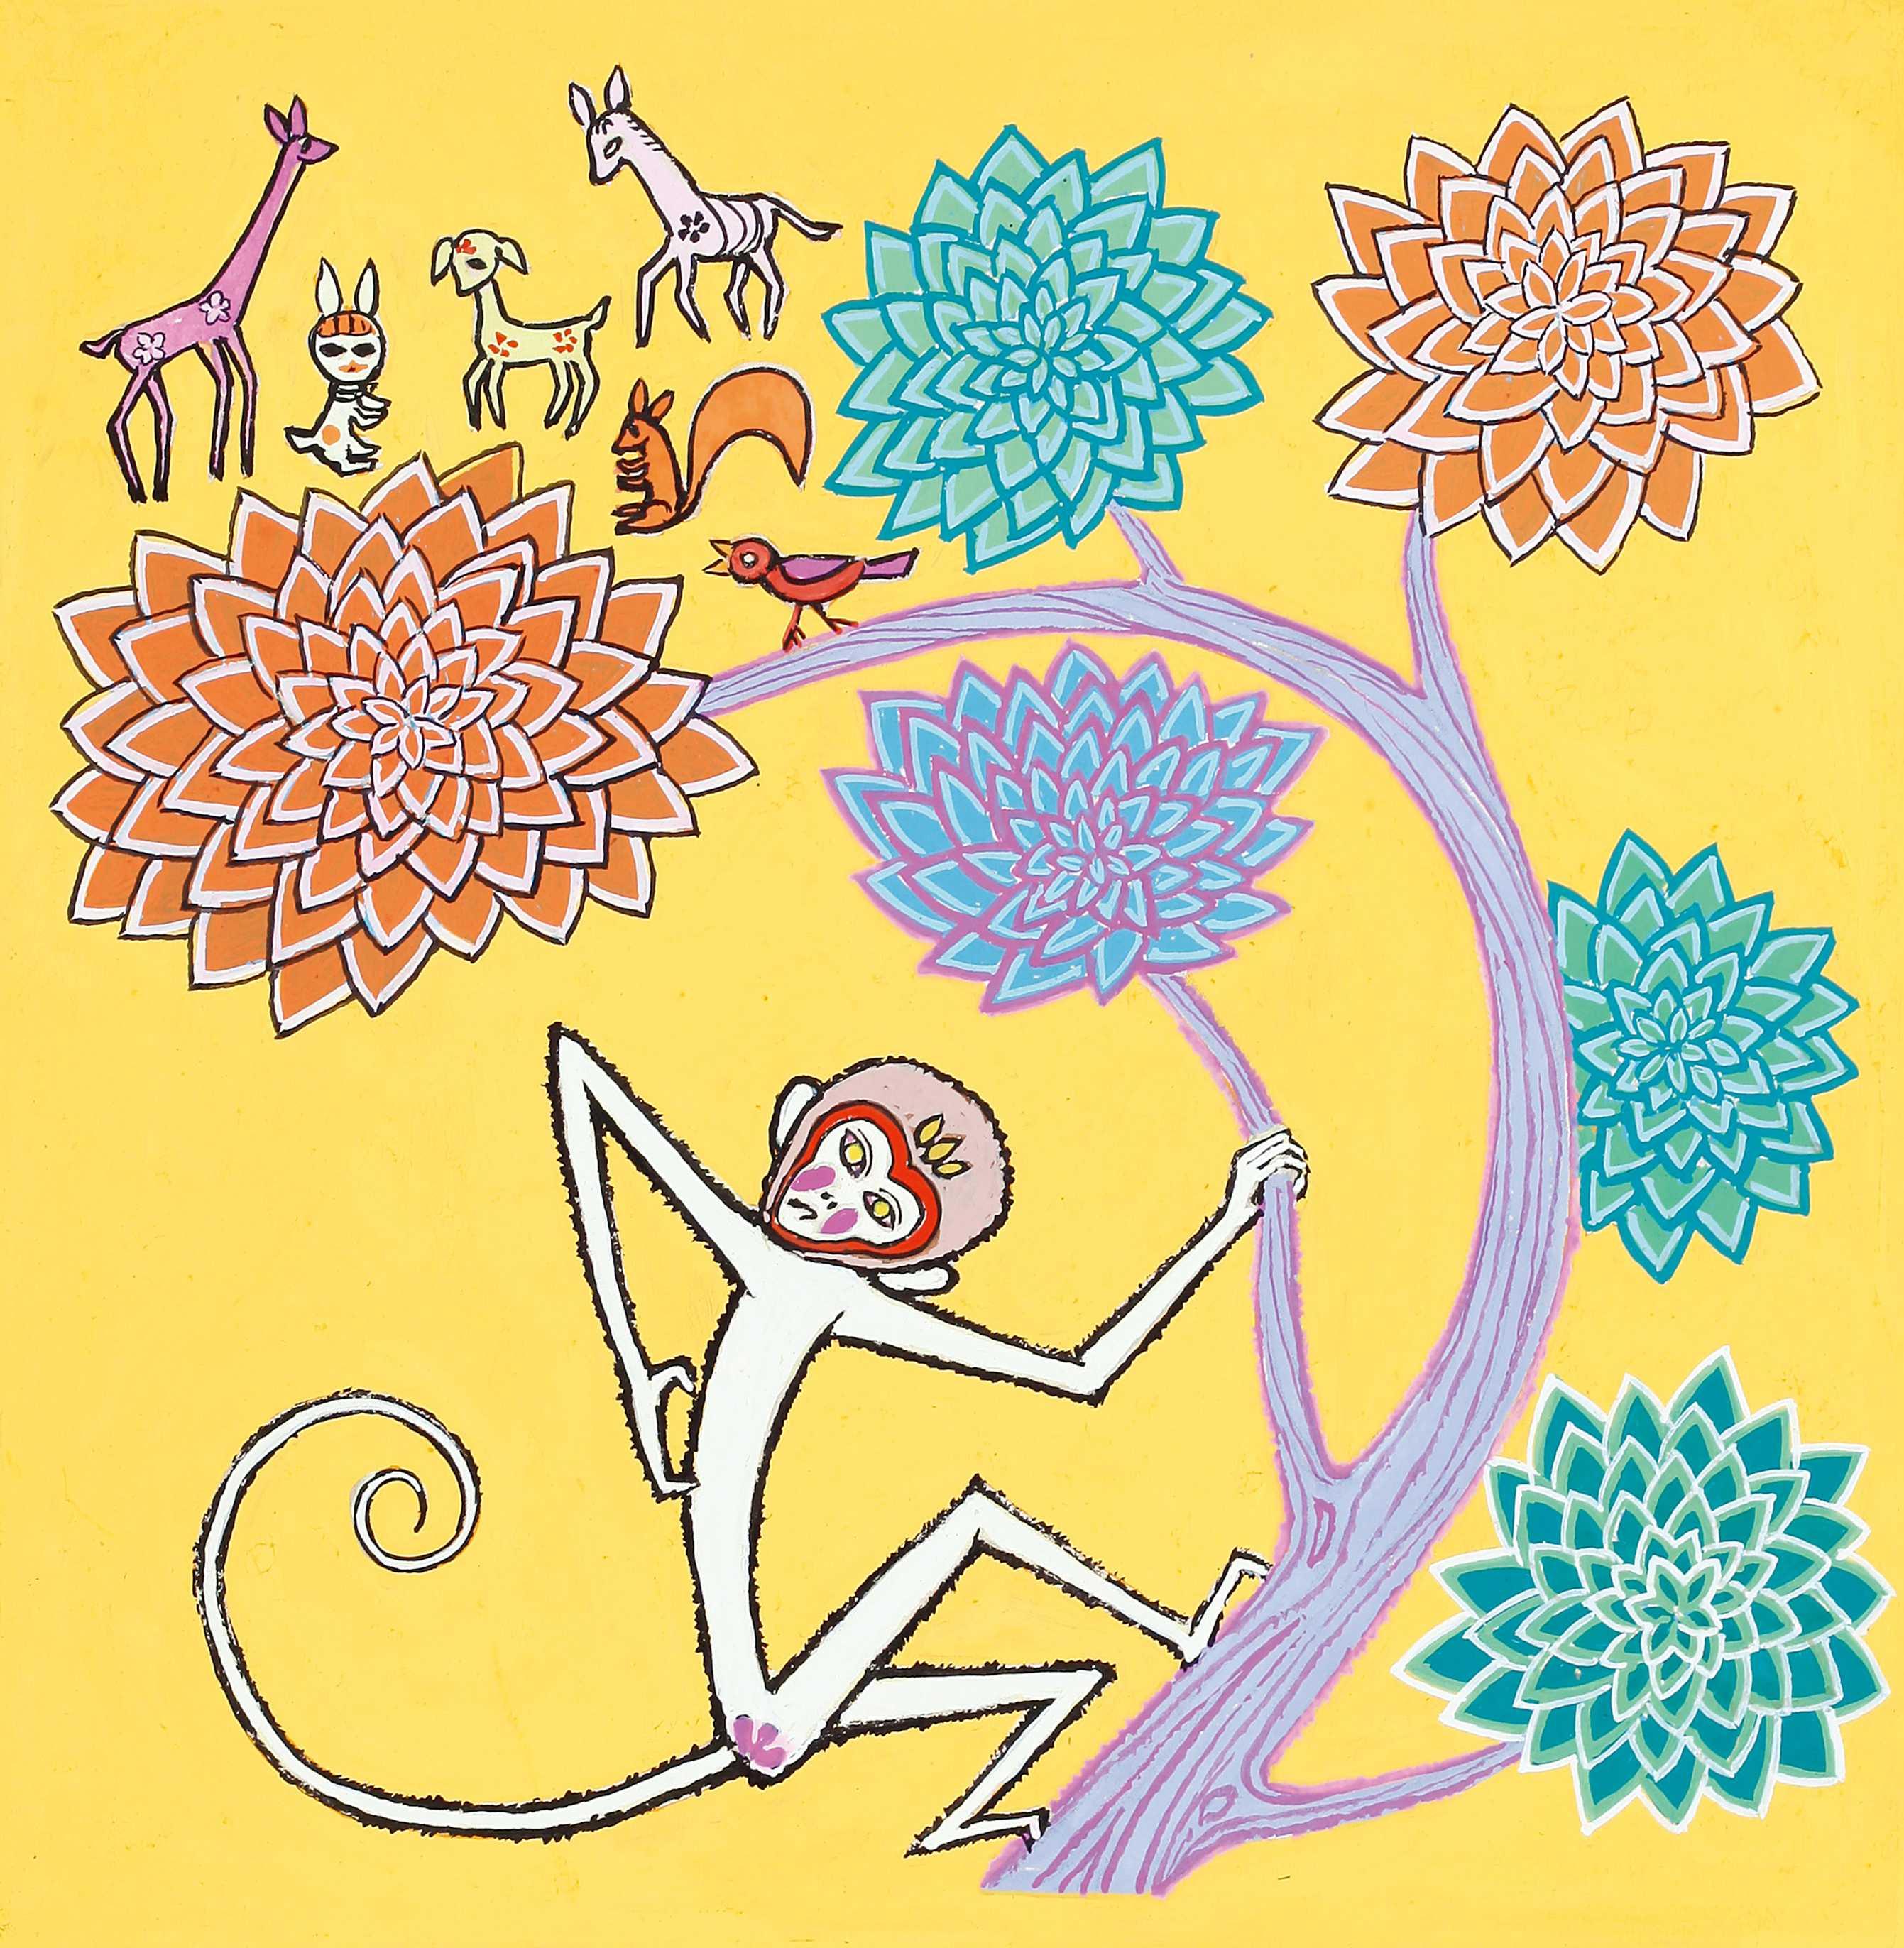 颜复兴-《我和她》《小猴欢欢》《一只小猴》连环画原稿作品拍卖预展,颜复兴作品拍卖估价,中鸿信国际2015春季拍卖会追梦童真新中国连环画、年画原稿颜复兴-《我和她》《小猴欢欢》《一只小猴》连环画原稿预展,中鸿信艺术品拍卖会网上预展-拍卖预展-六九艺术网拍卖频道